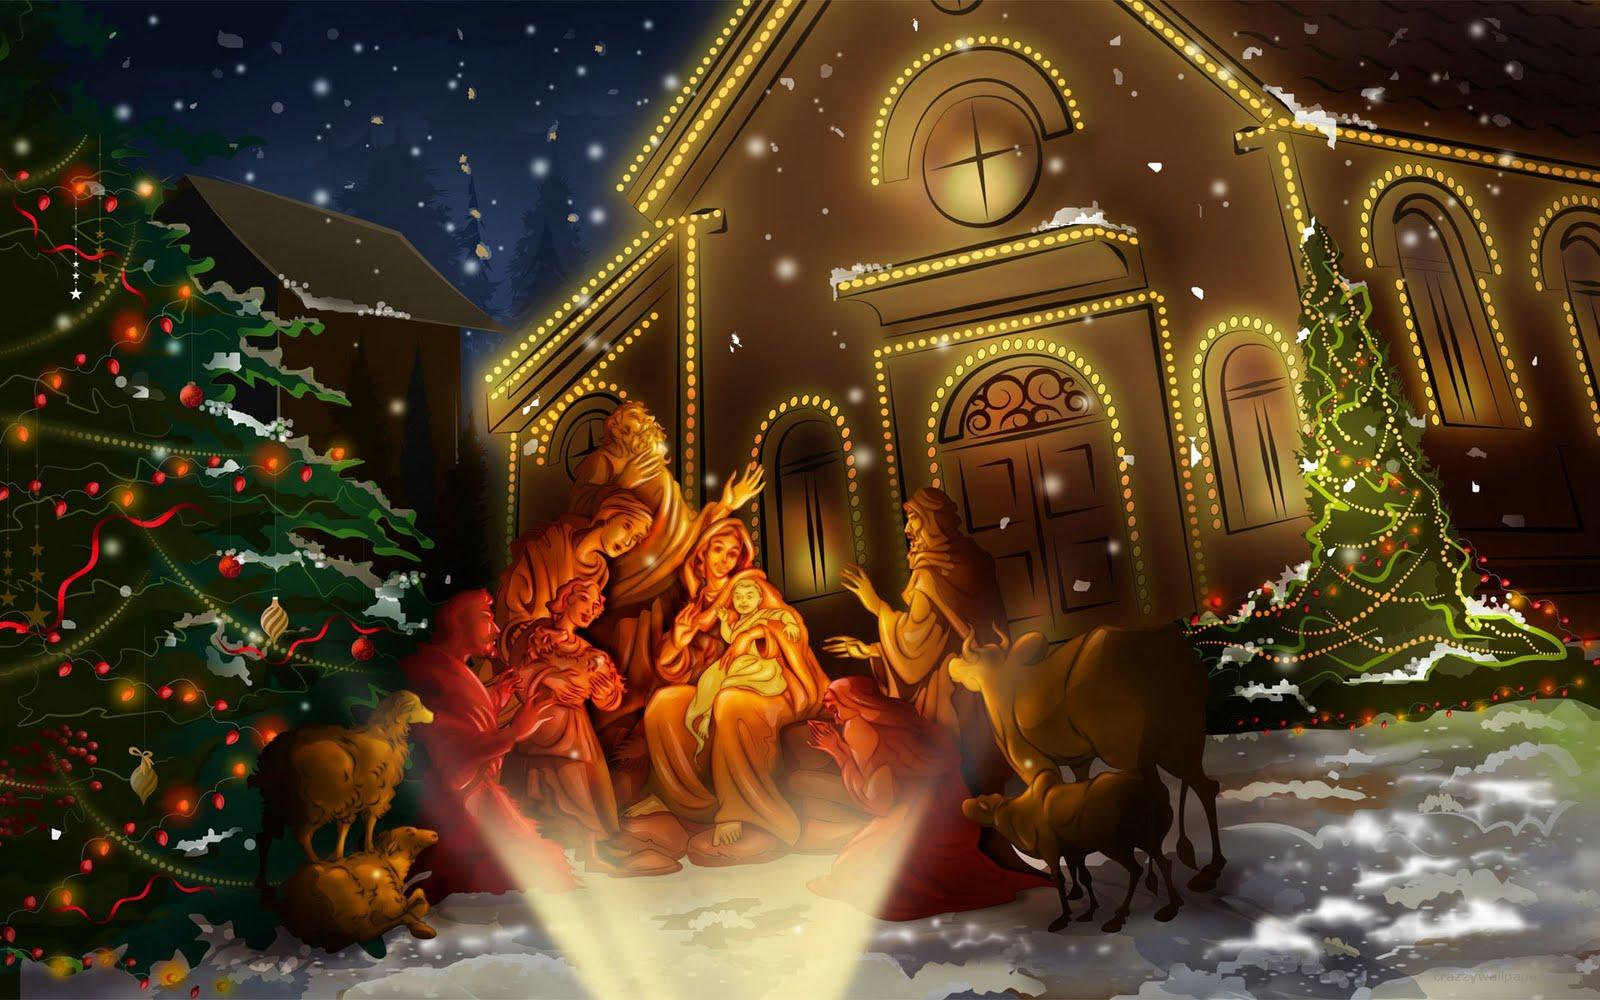 http://2.bp.blogspot.com/-kO_g7TIlFEY/Tb_R0C5g0lI/AAAAAAAADUo/VoUS66_29hw/s1600/3d-animated-christmas-22191.jpeg